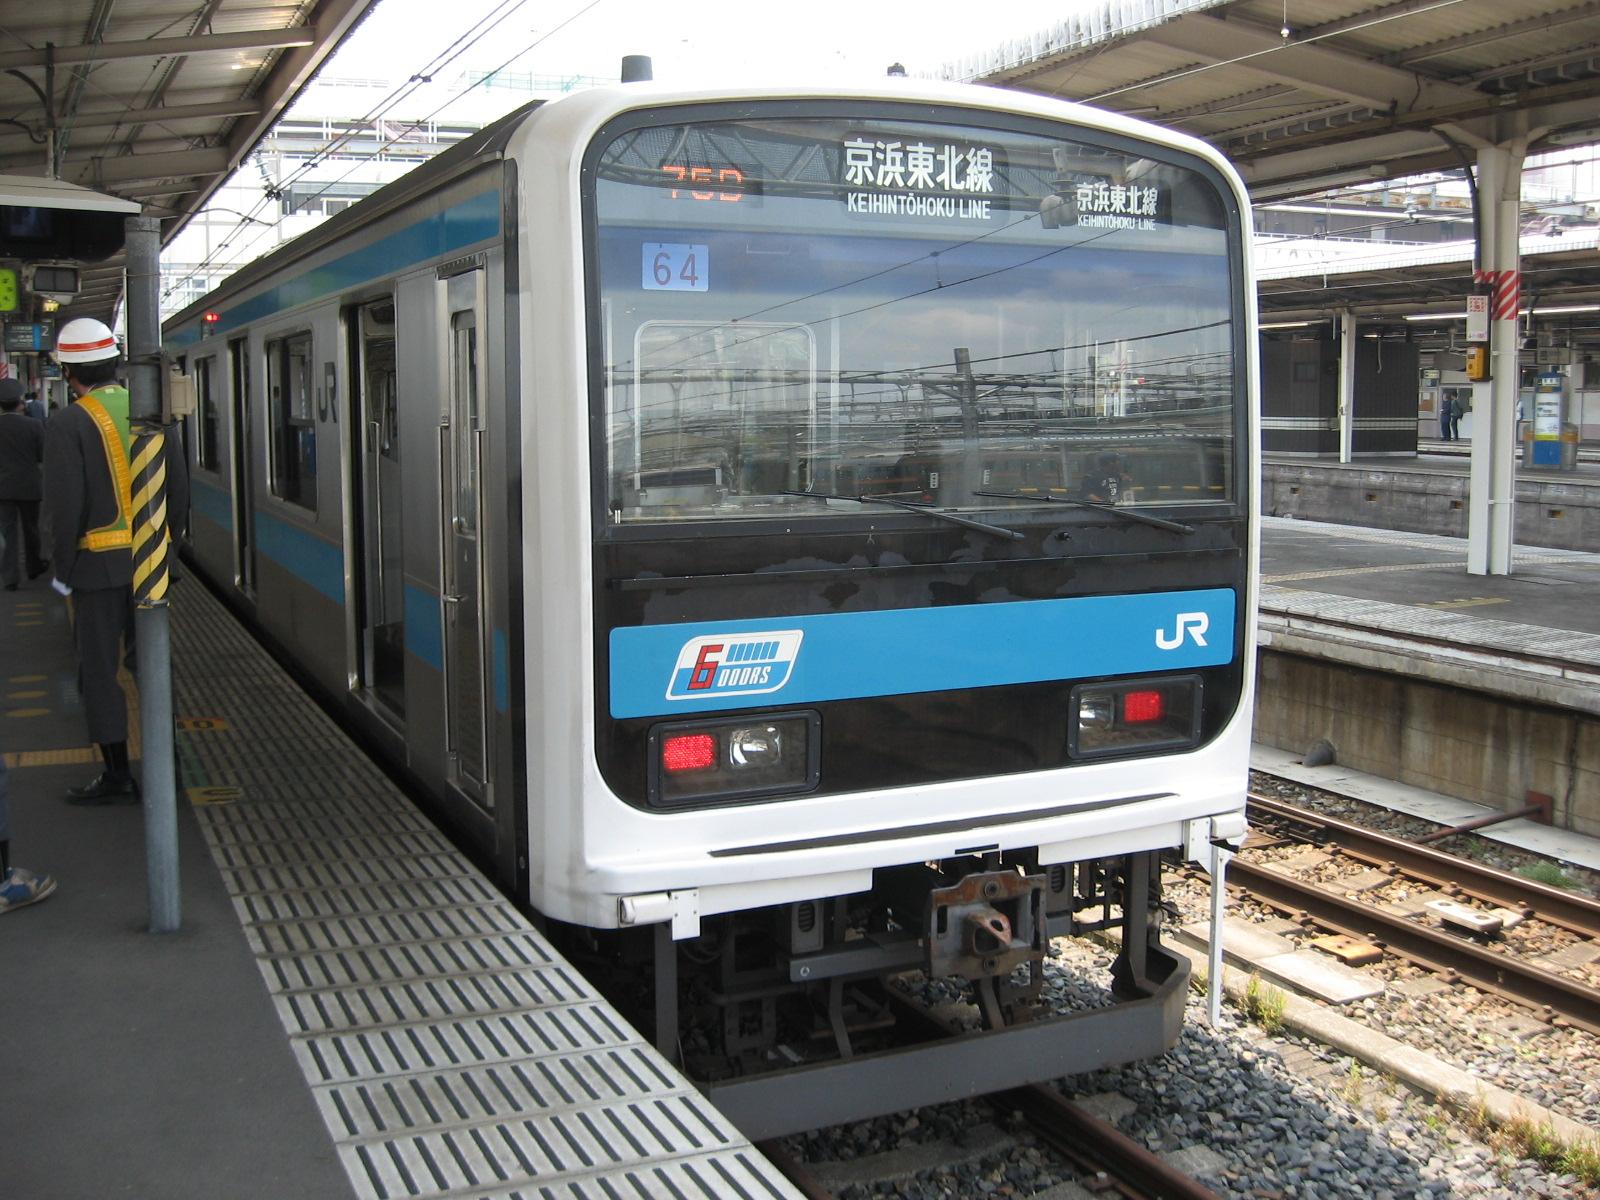 209系ウラ64、大.. サイズ:1600 1200 容量:636KB... 京浜東北線